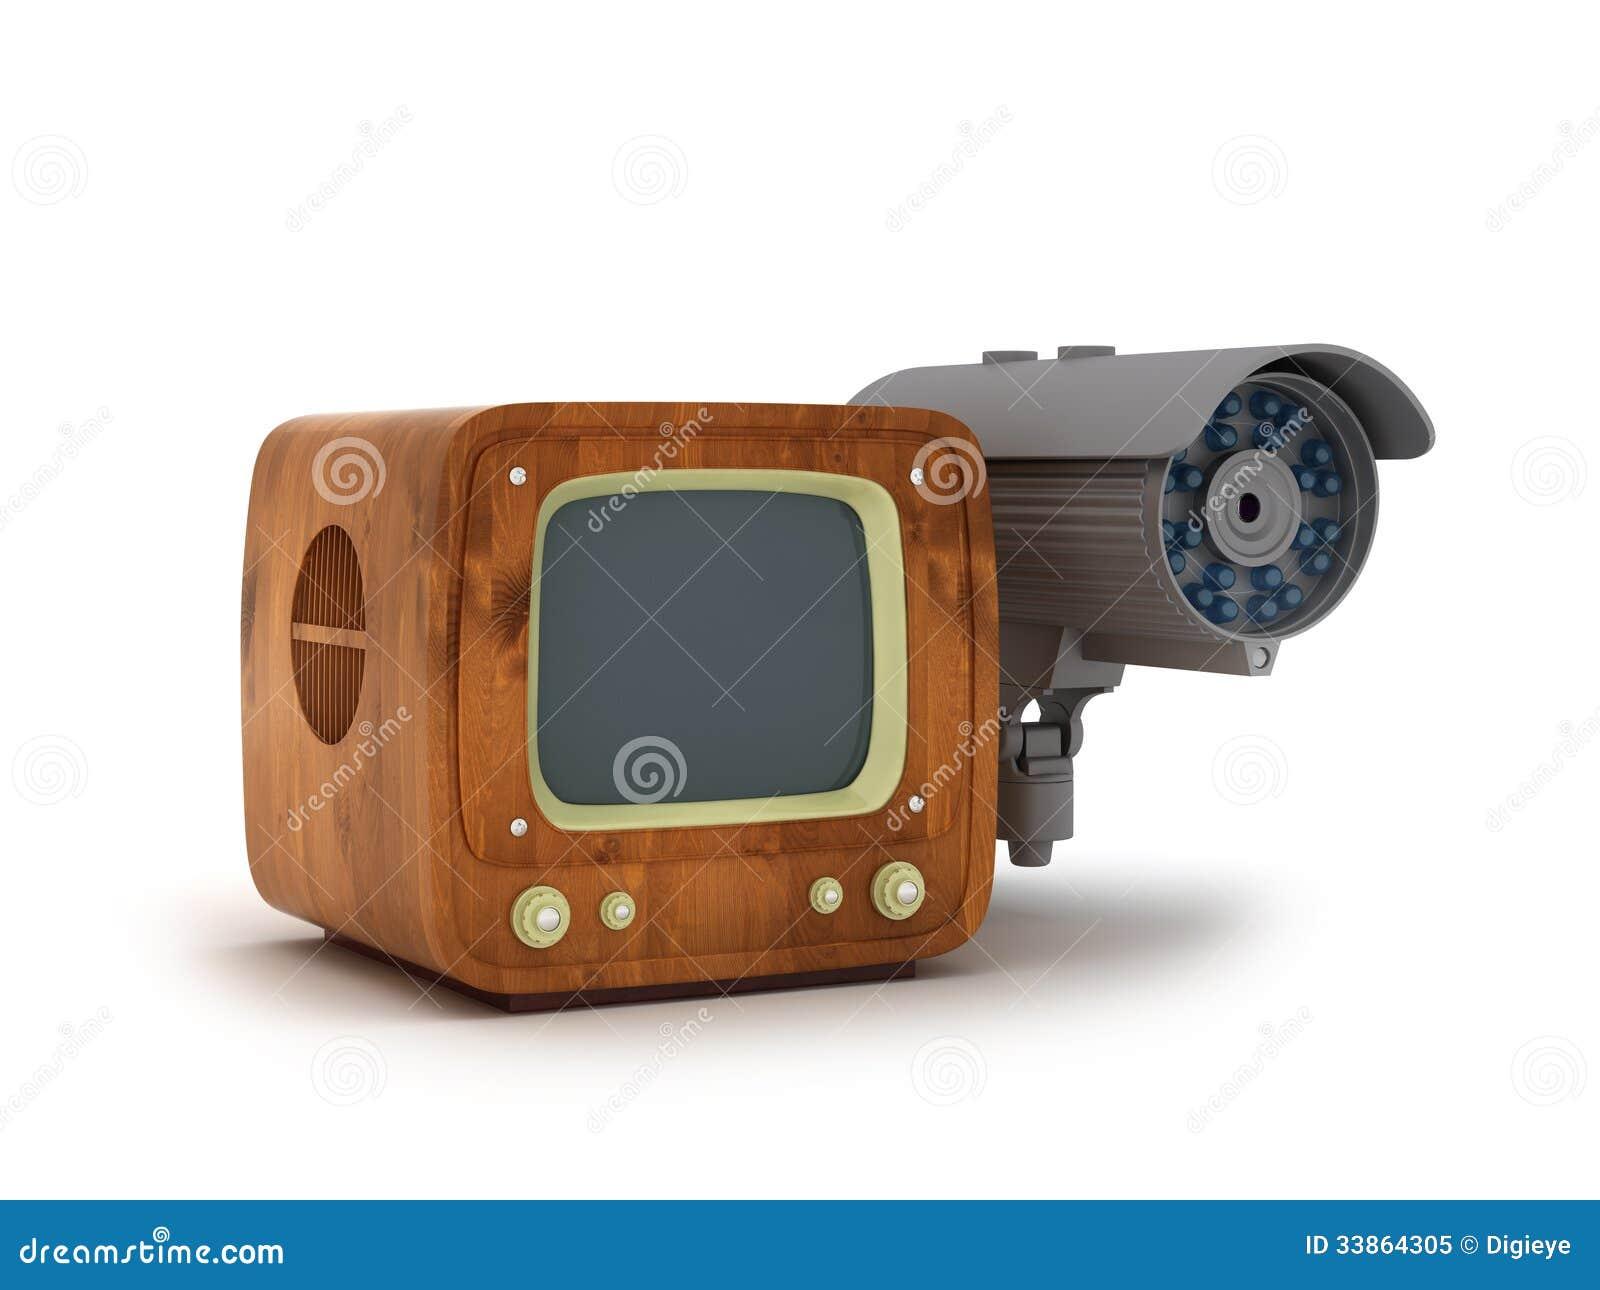 OK photocameras